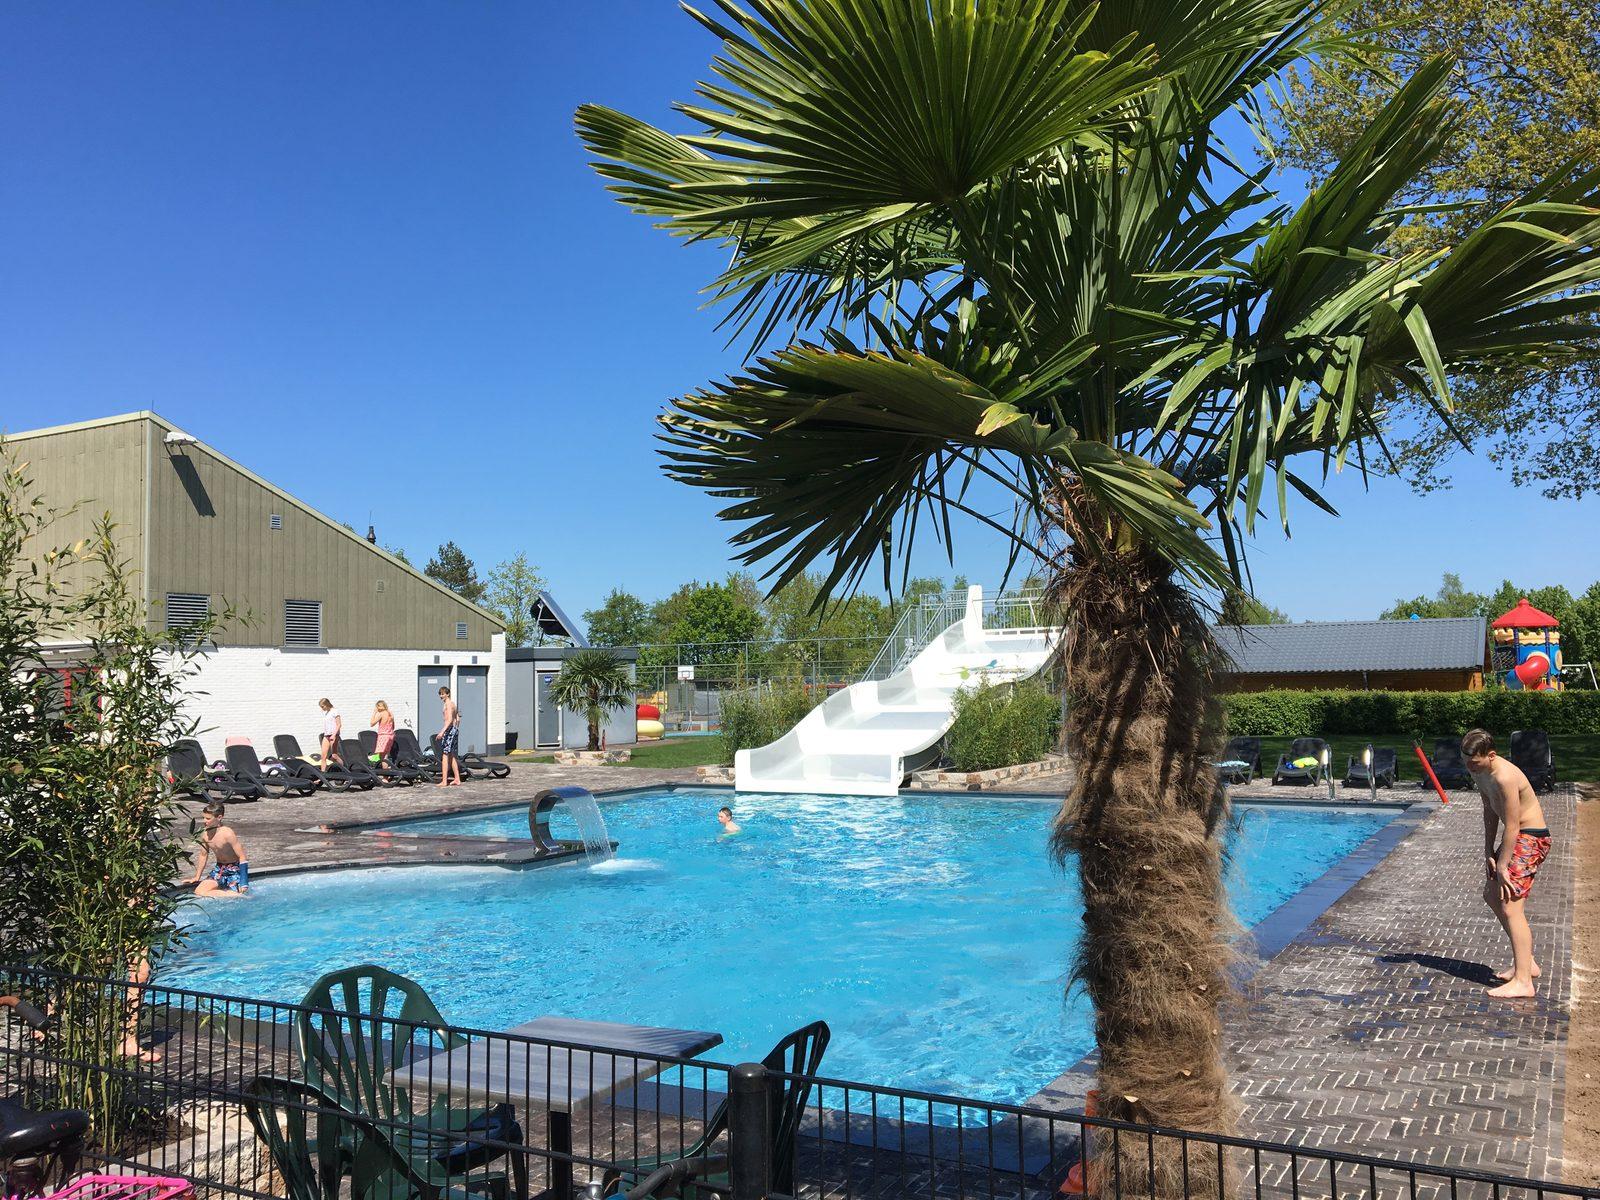 Campsite with indoor swimming pool in Overijssel